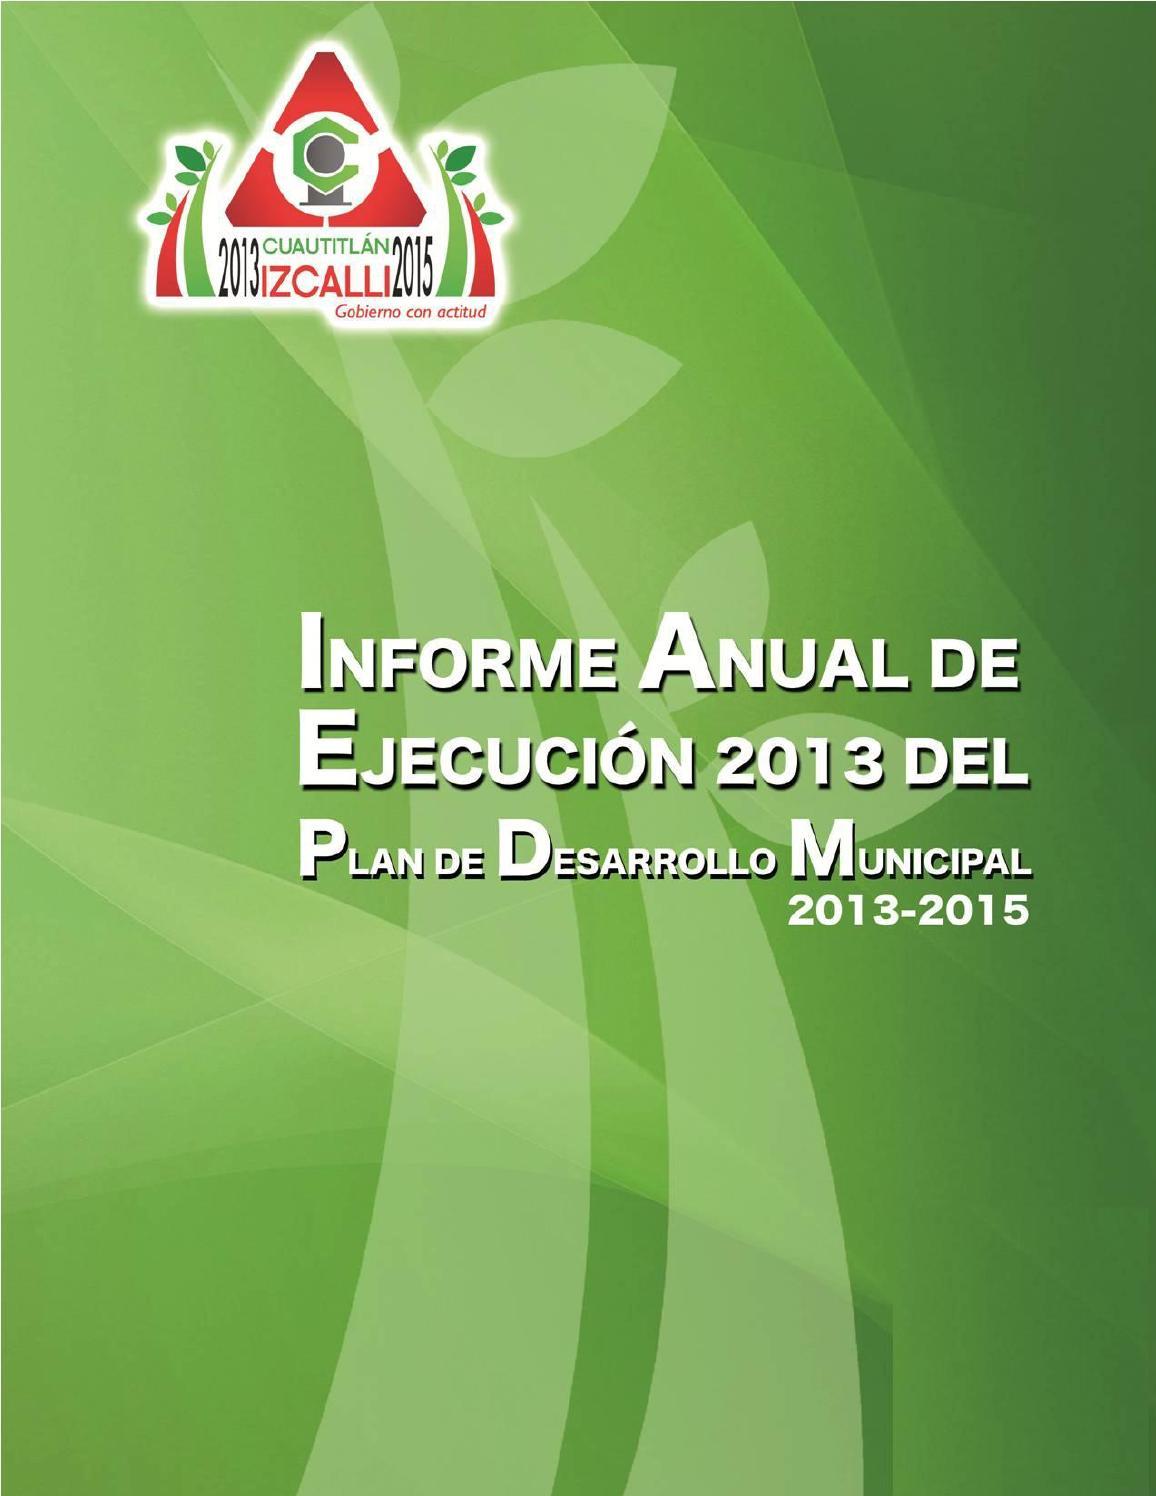 Informe Anual de Ejecución 2013 del Plan de Desarrollo Municipal de ...